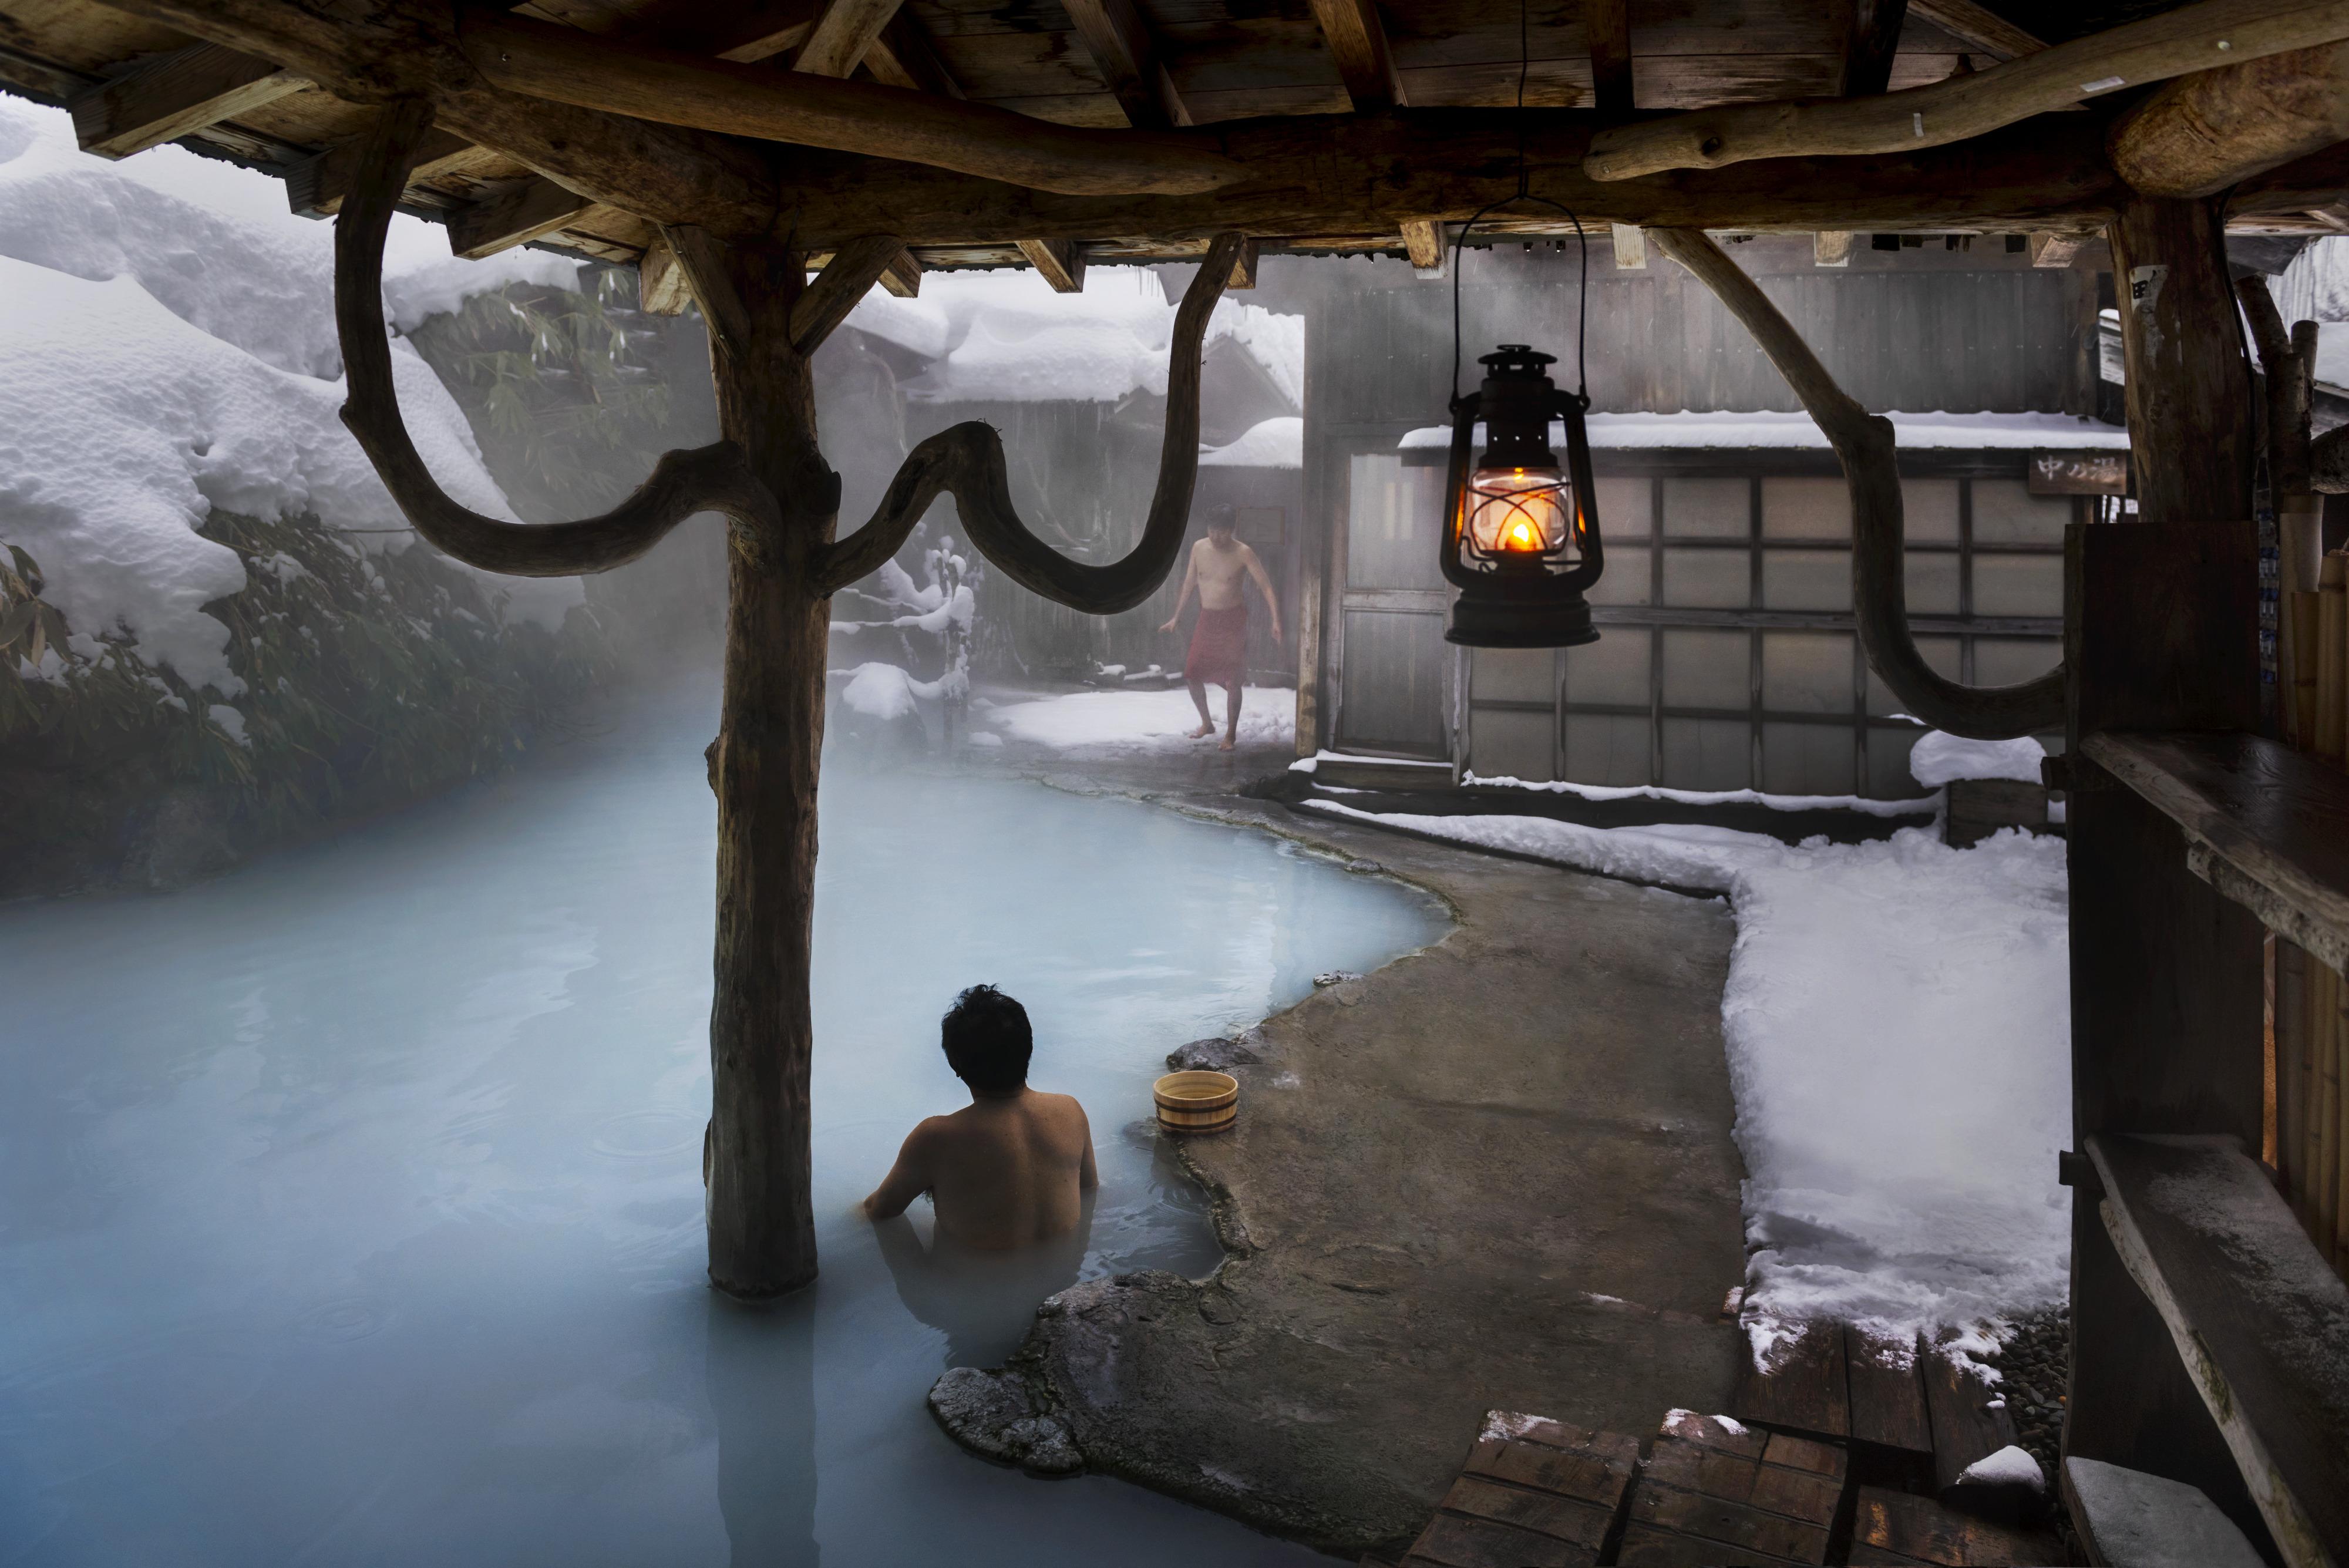 Khu nghỉ dưỡng Tsurunoyu. Ảnh: Steve McCurry